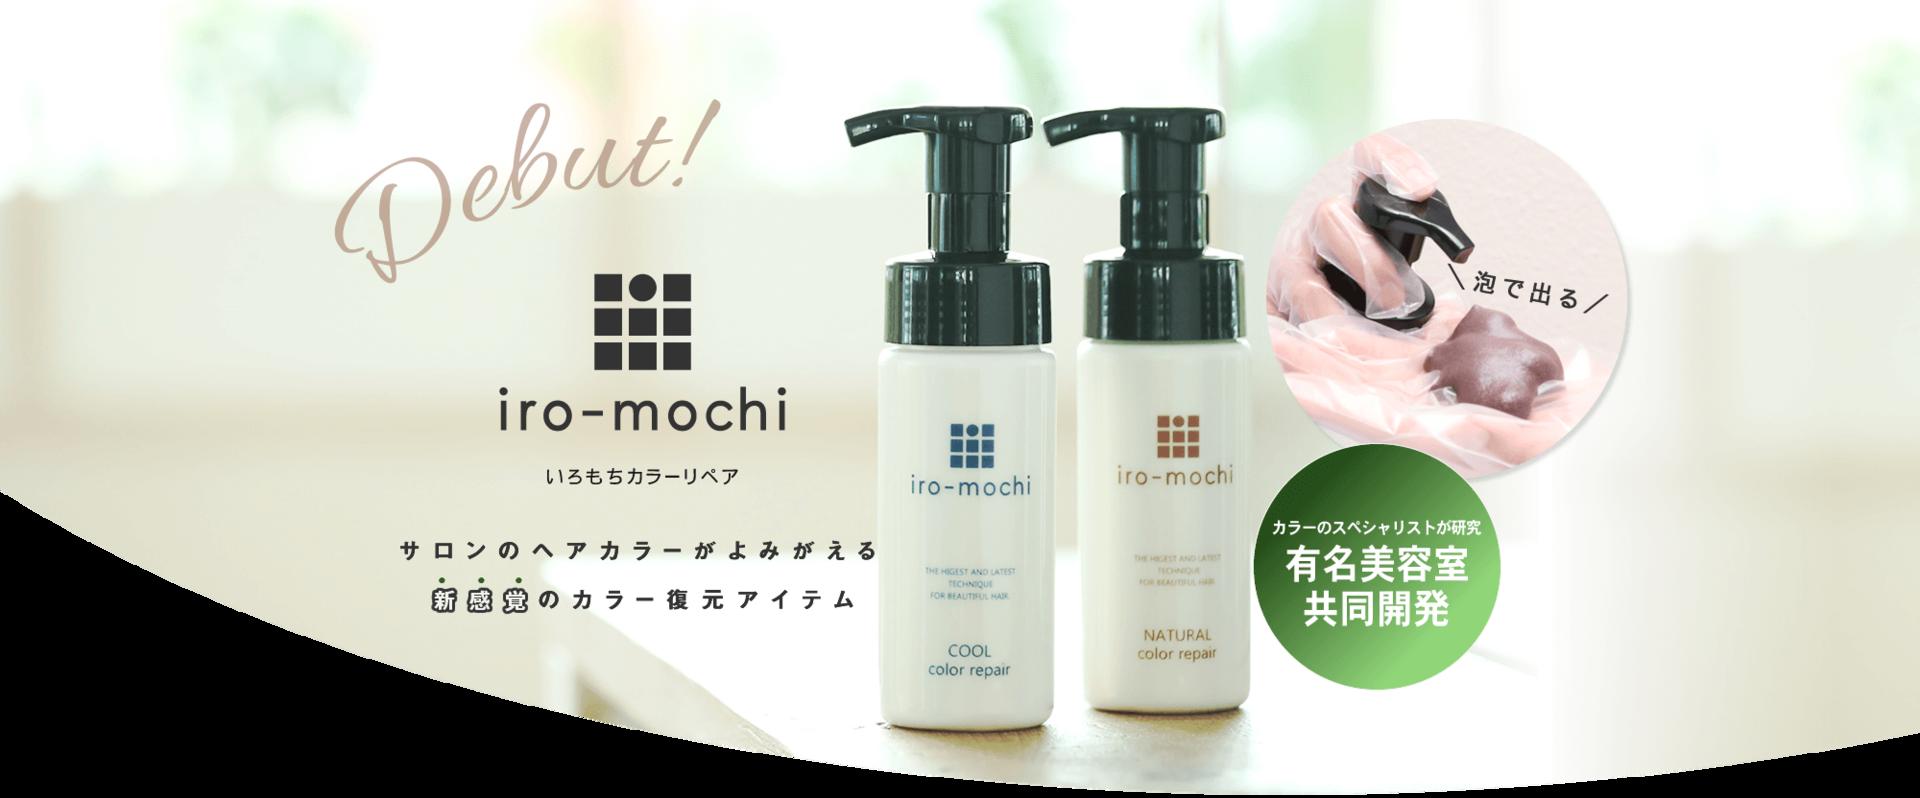 イロモチ iro-mochi